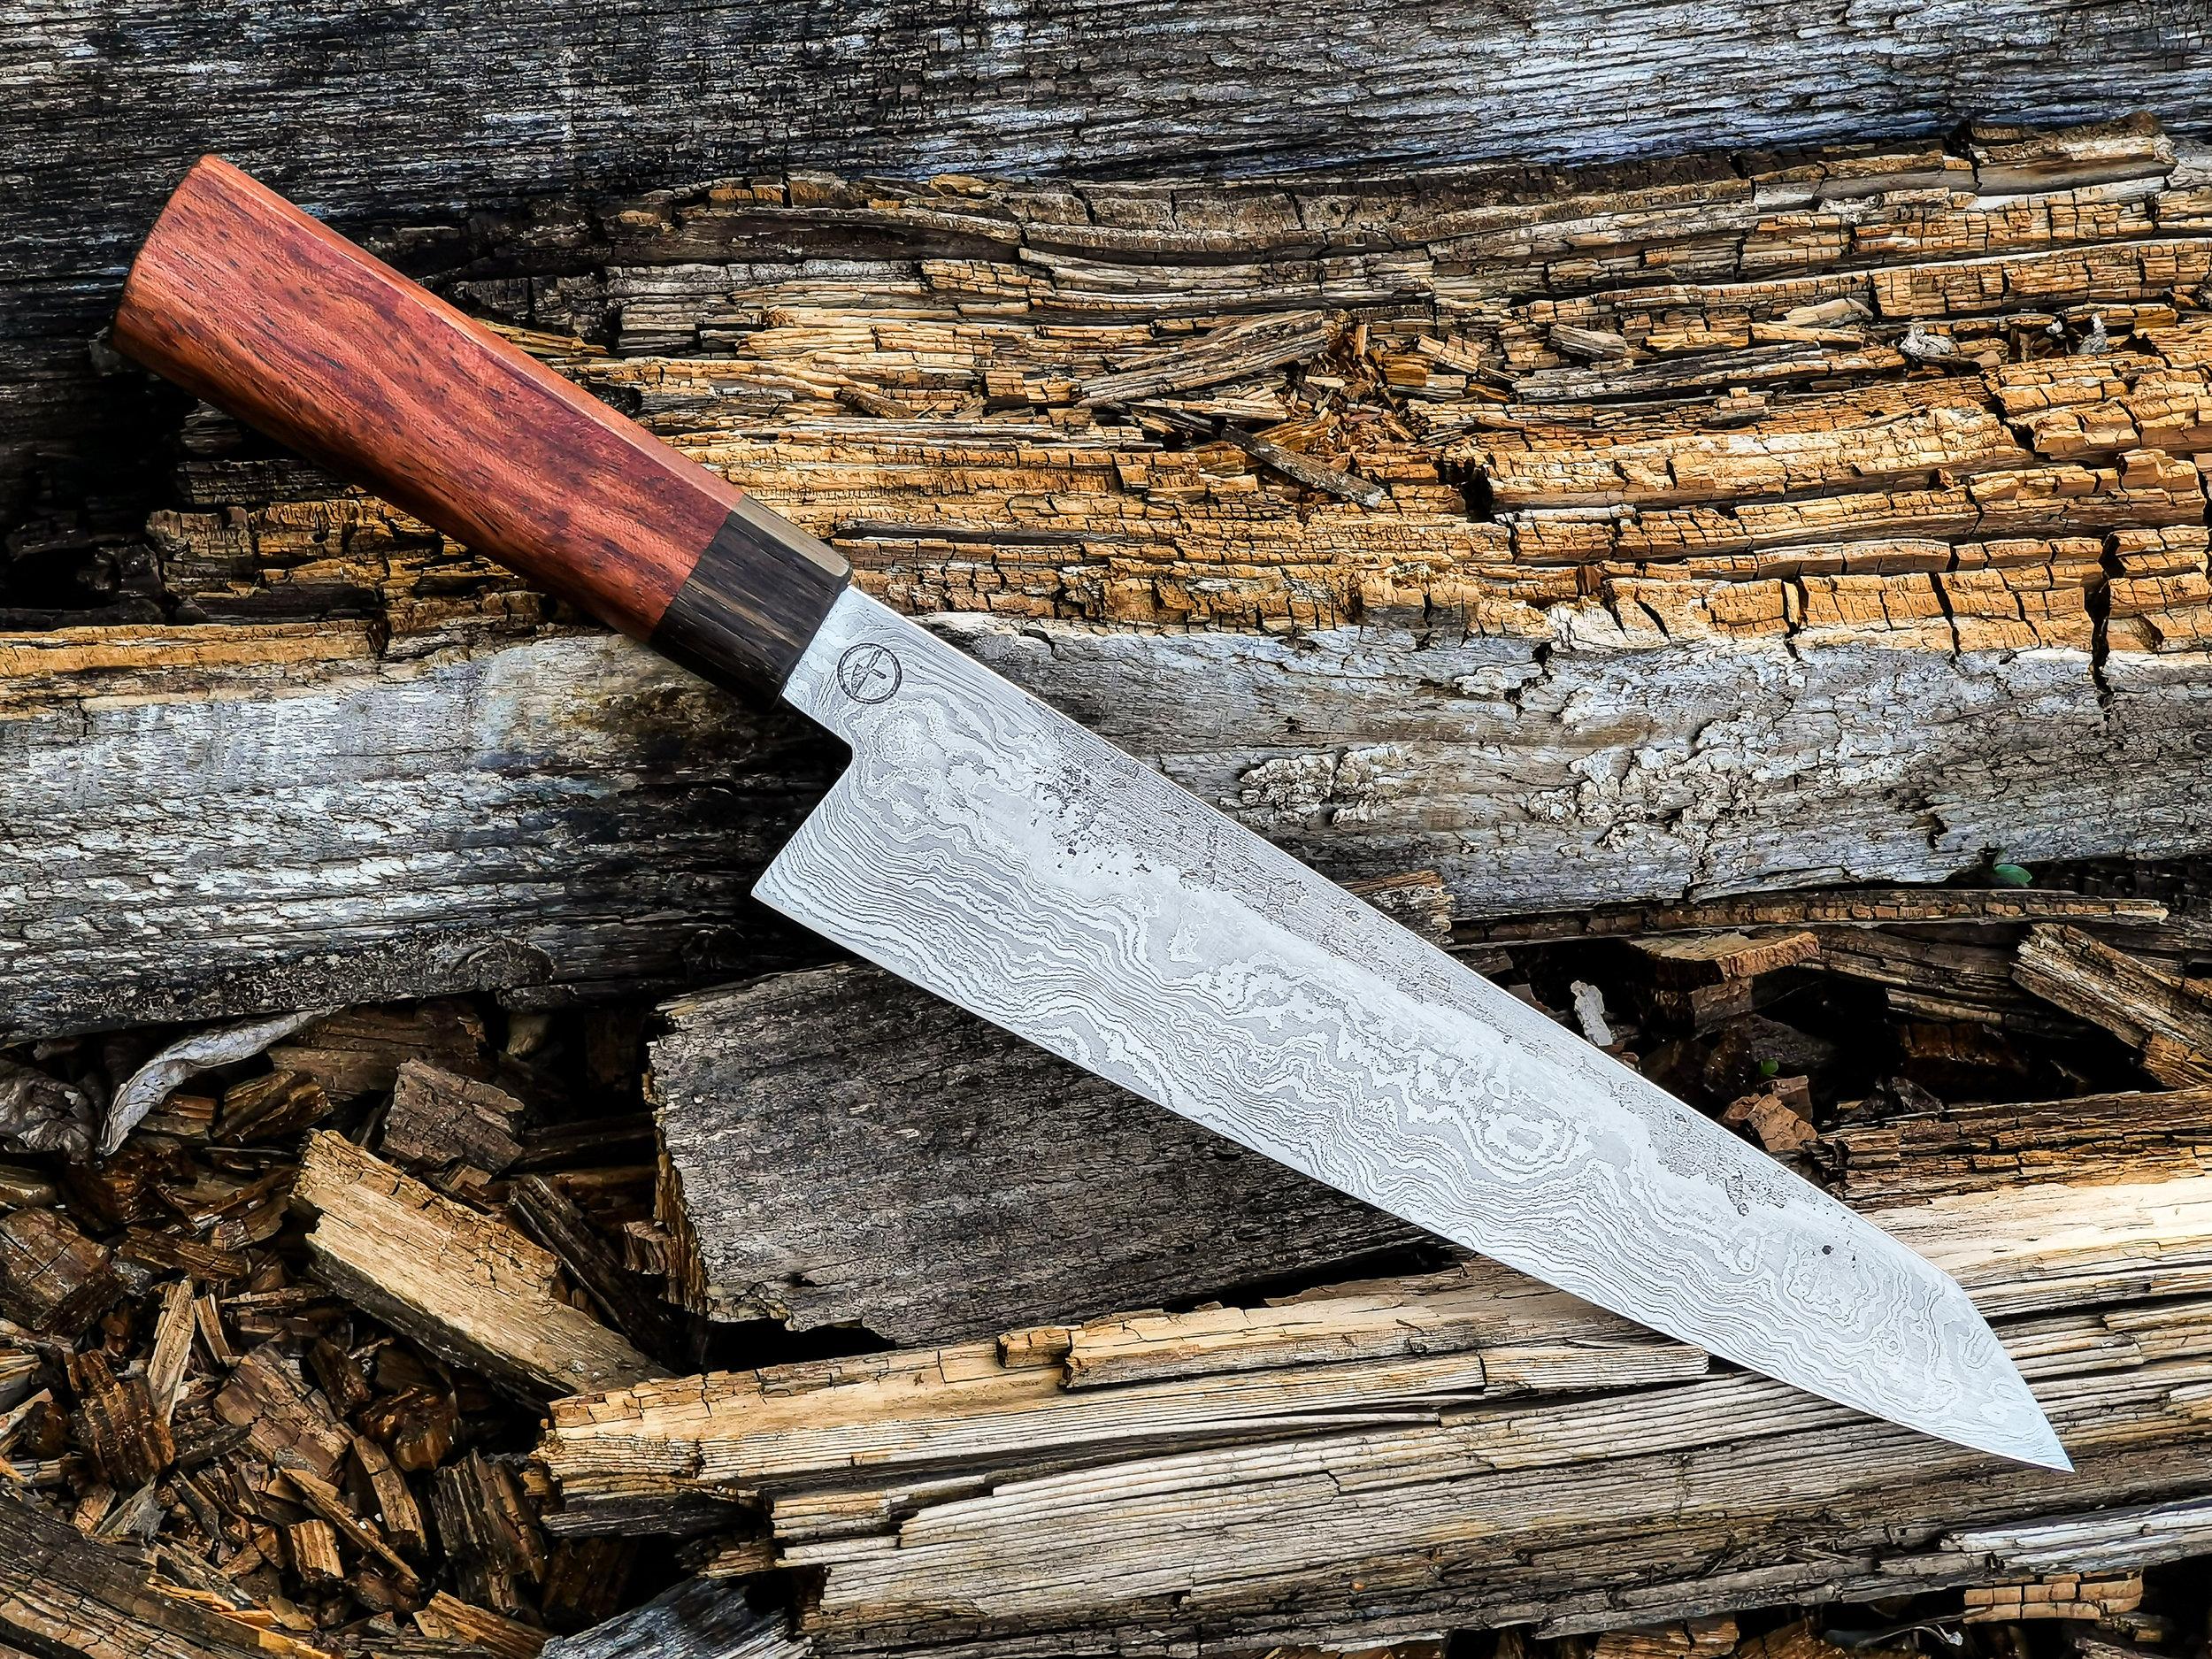 Ihr Messer  | Your Knife